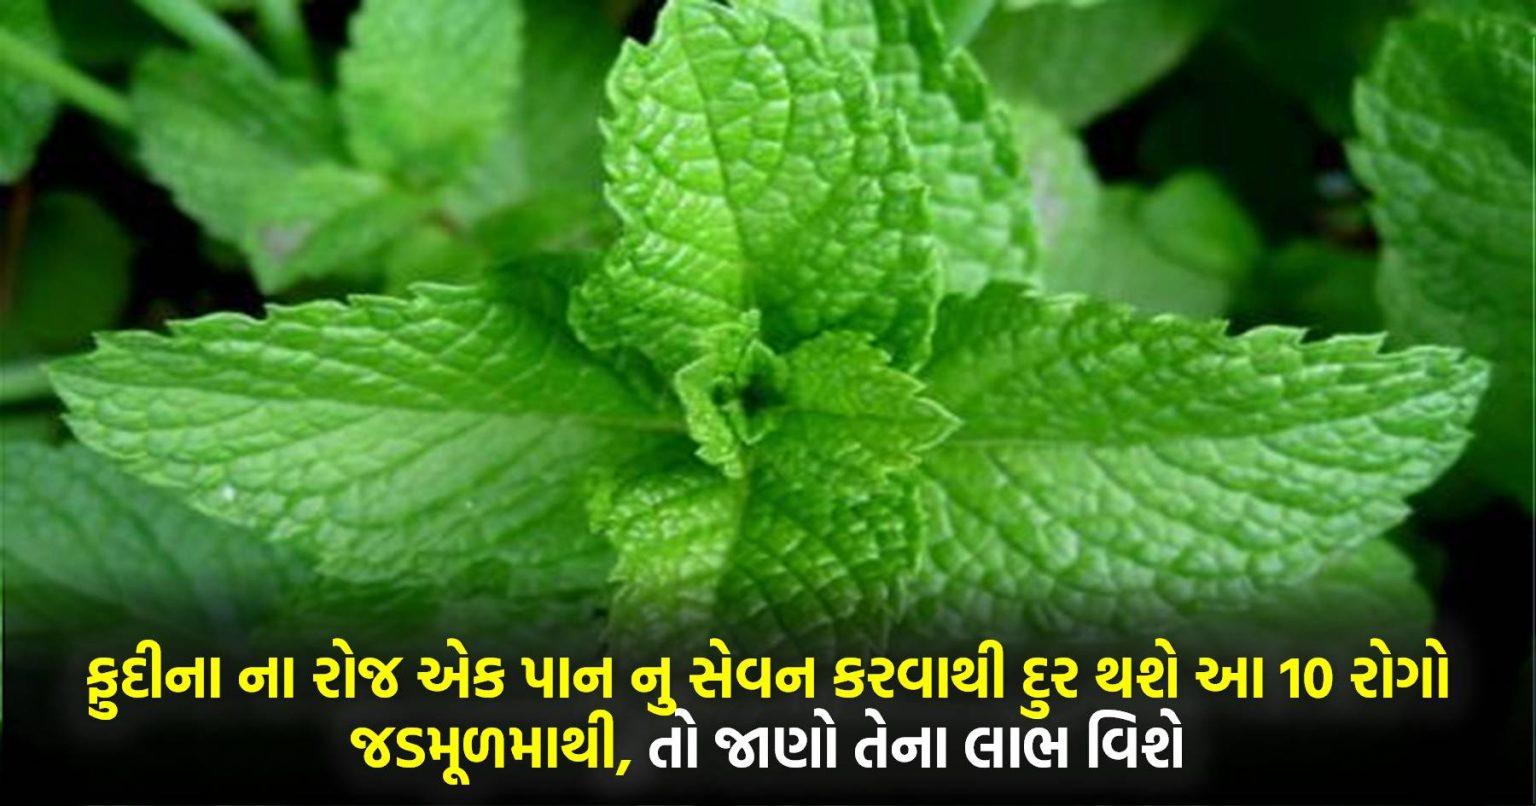 ફુદીના ના રોજ એક પાન નુ સેવન કરવાથી દુર થશે આ 10 રોગો જડમૂળમાથી, તો જાણો તેના લાભ વિશે